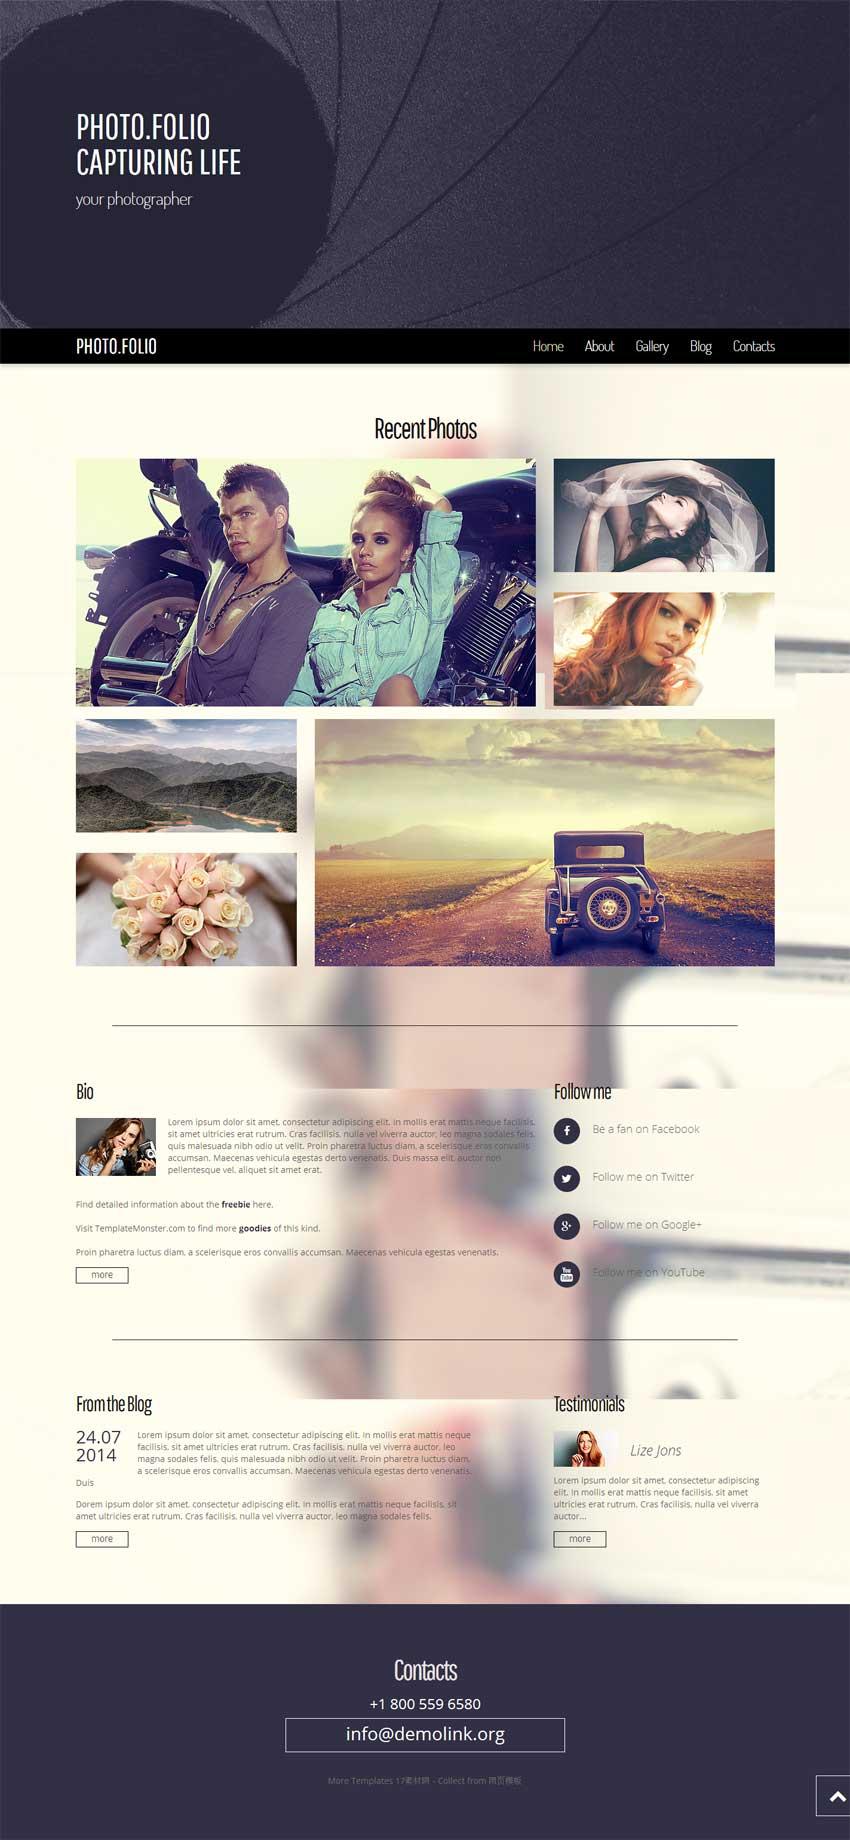 黑色宽屏的个人相册图片博客模板源码下载